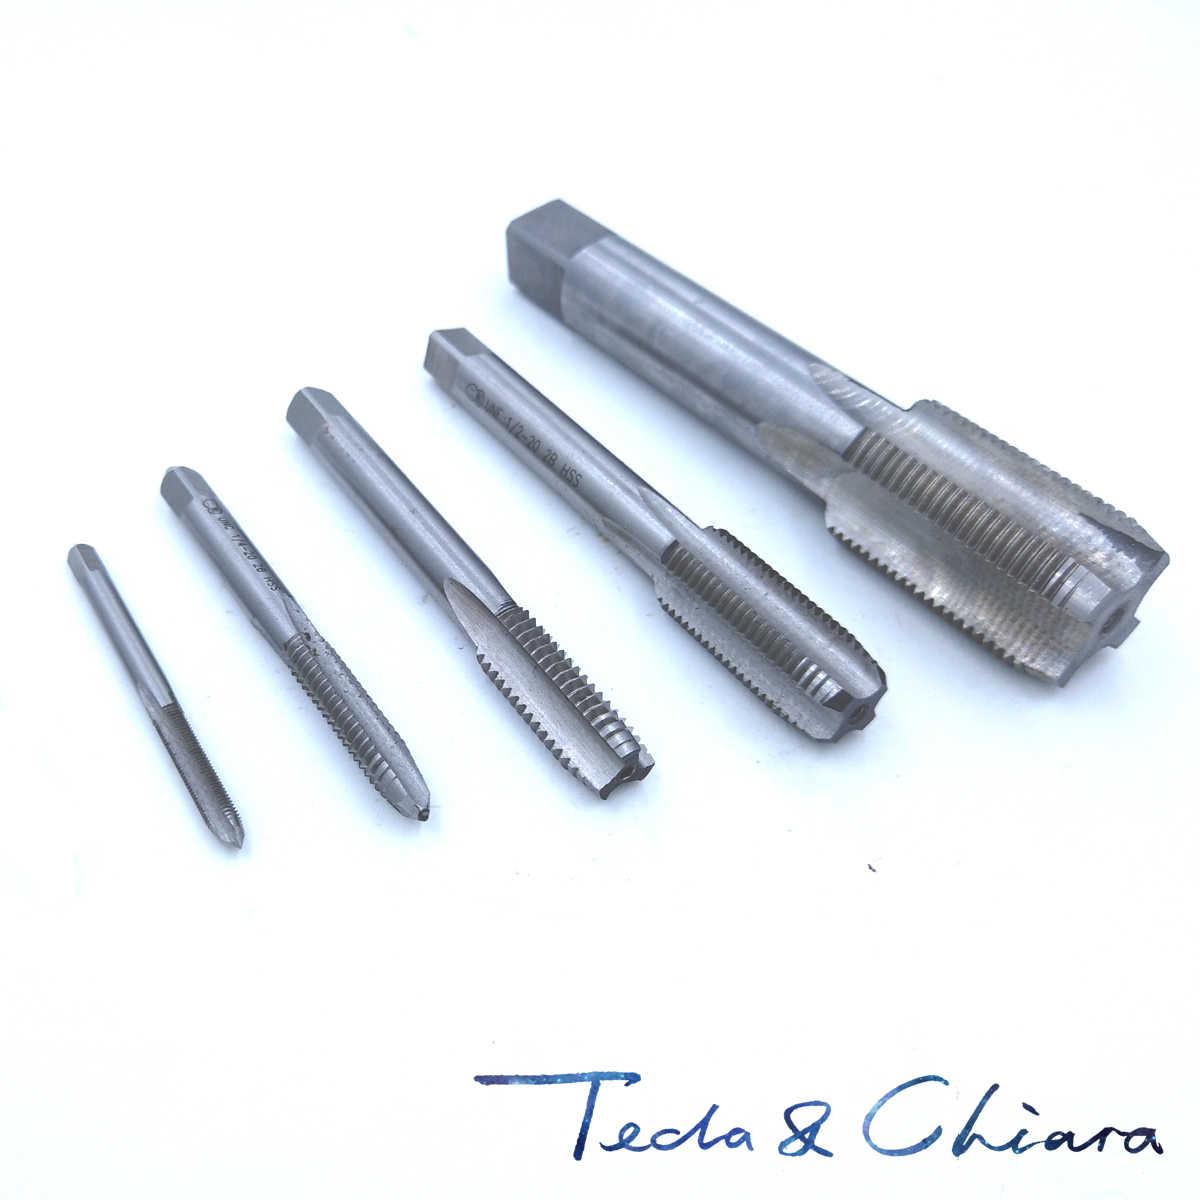 New HSS 14mm x 1 Metric Taper /& Plug Tap Right Hand Thread M14 x 1mm Pitch